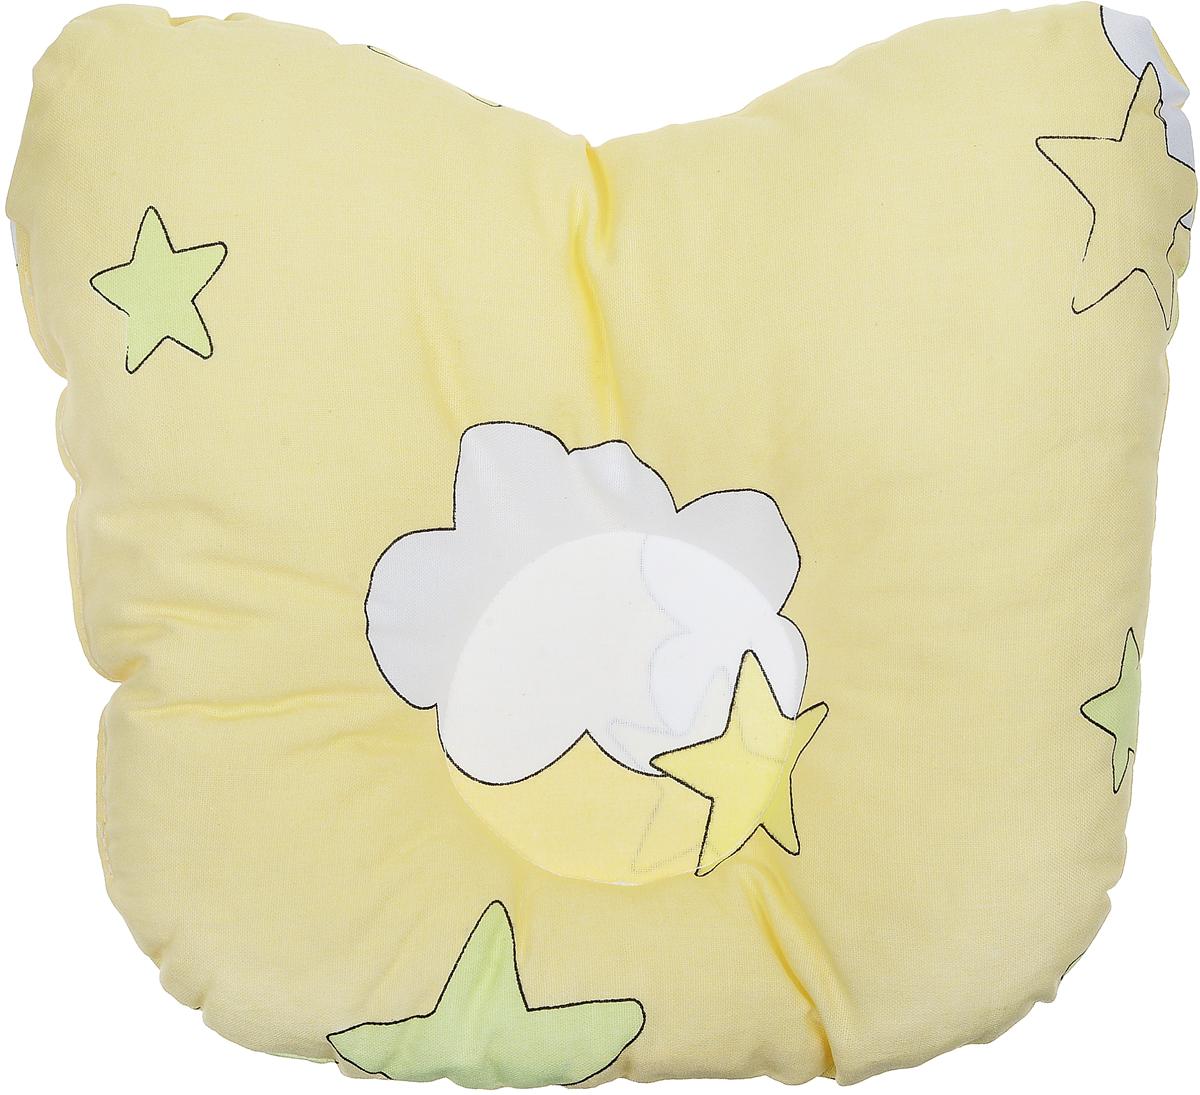 Сонный гномик Подушка анатомическая для младенцев Звездочки Тучки цвет желтый 27 х 20 см555А_желтыйАнатомическая подушка для младенцев Сонный гномик Звездочки. Тучки компактна и удобна для пеленания малыша и кормления на руках, она также незаменима для сна ребенка в кроватке и комфортна для использования в коляске на прогулке. Углубление в подушке фиксирует правильное положение головы ребенка.Подушка помогает правильному формированию шейного отдела позвоночника.